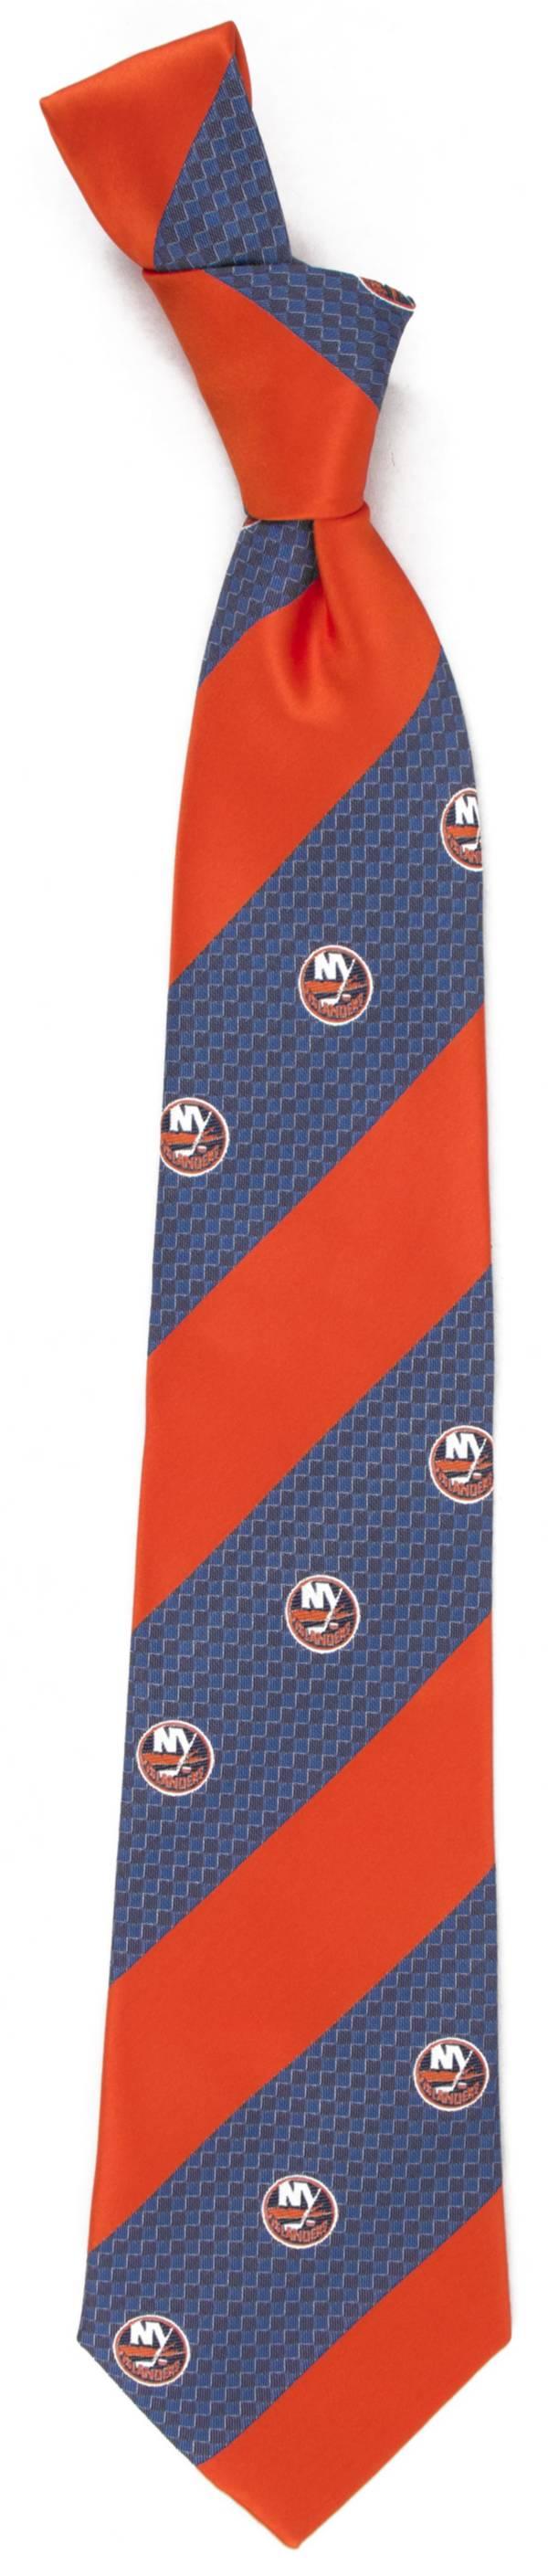 Eagles Wings New York Islanders Geo Stripe Necktie product image